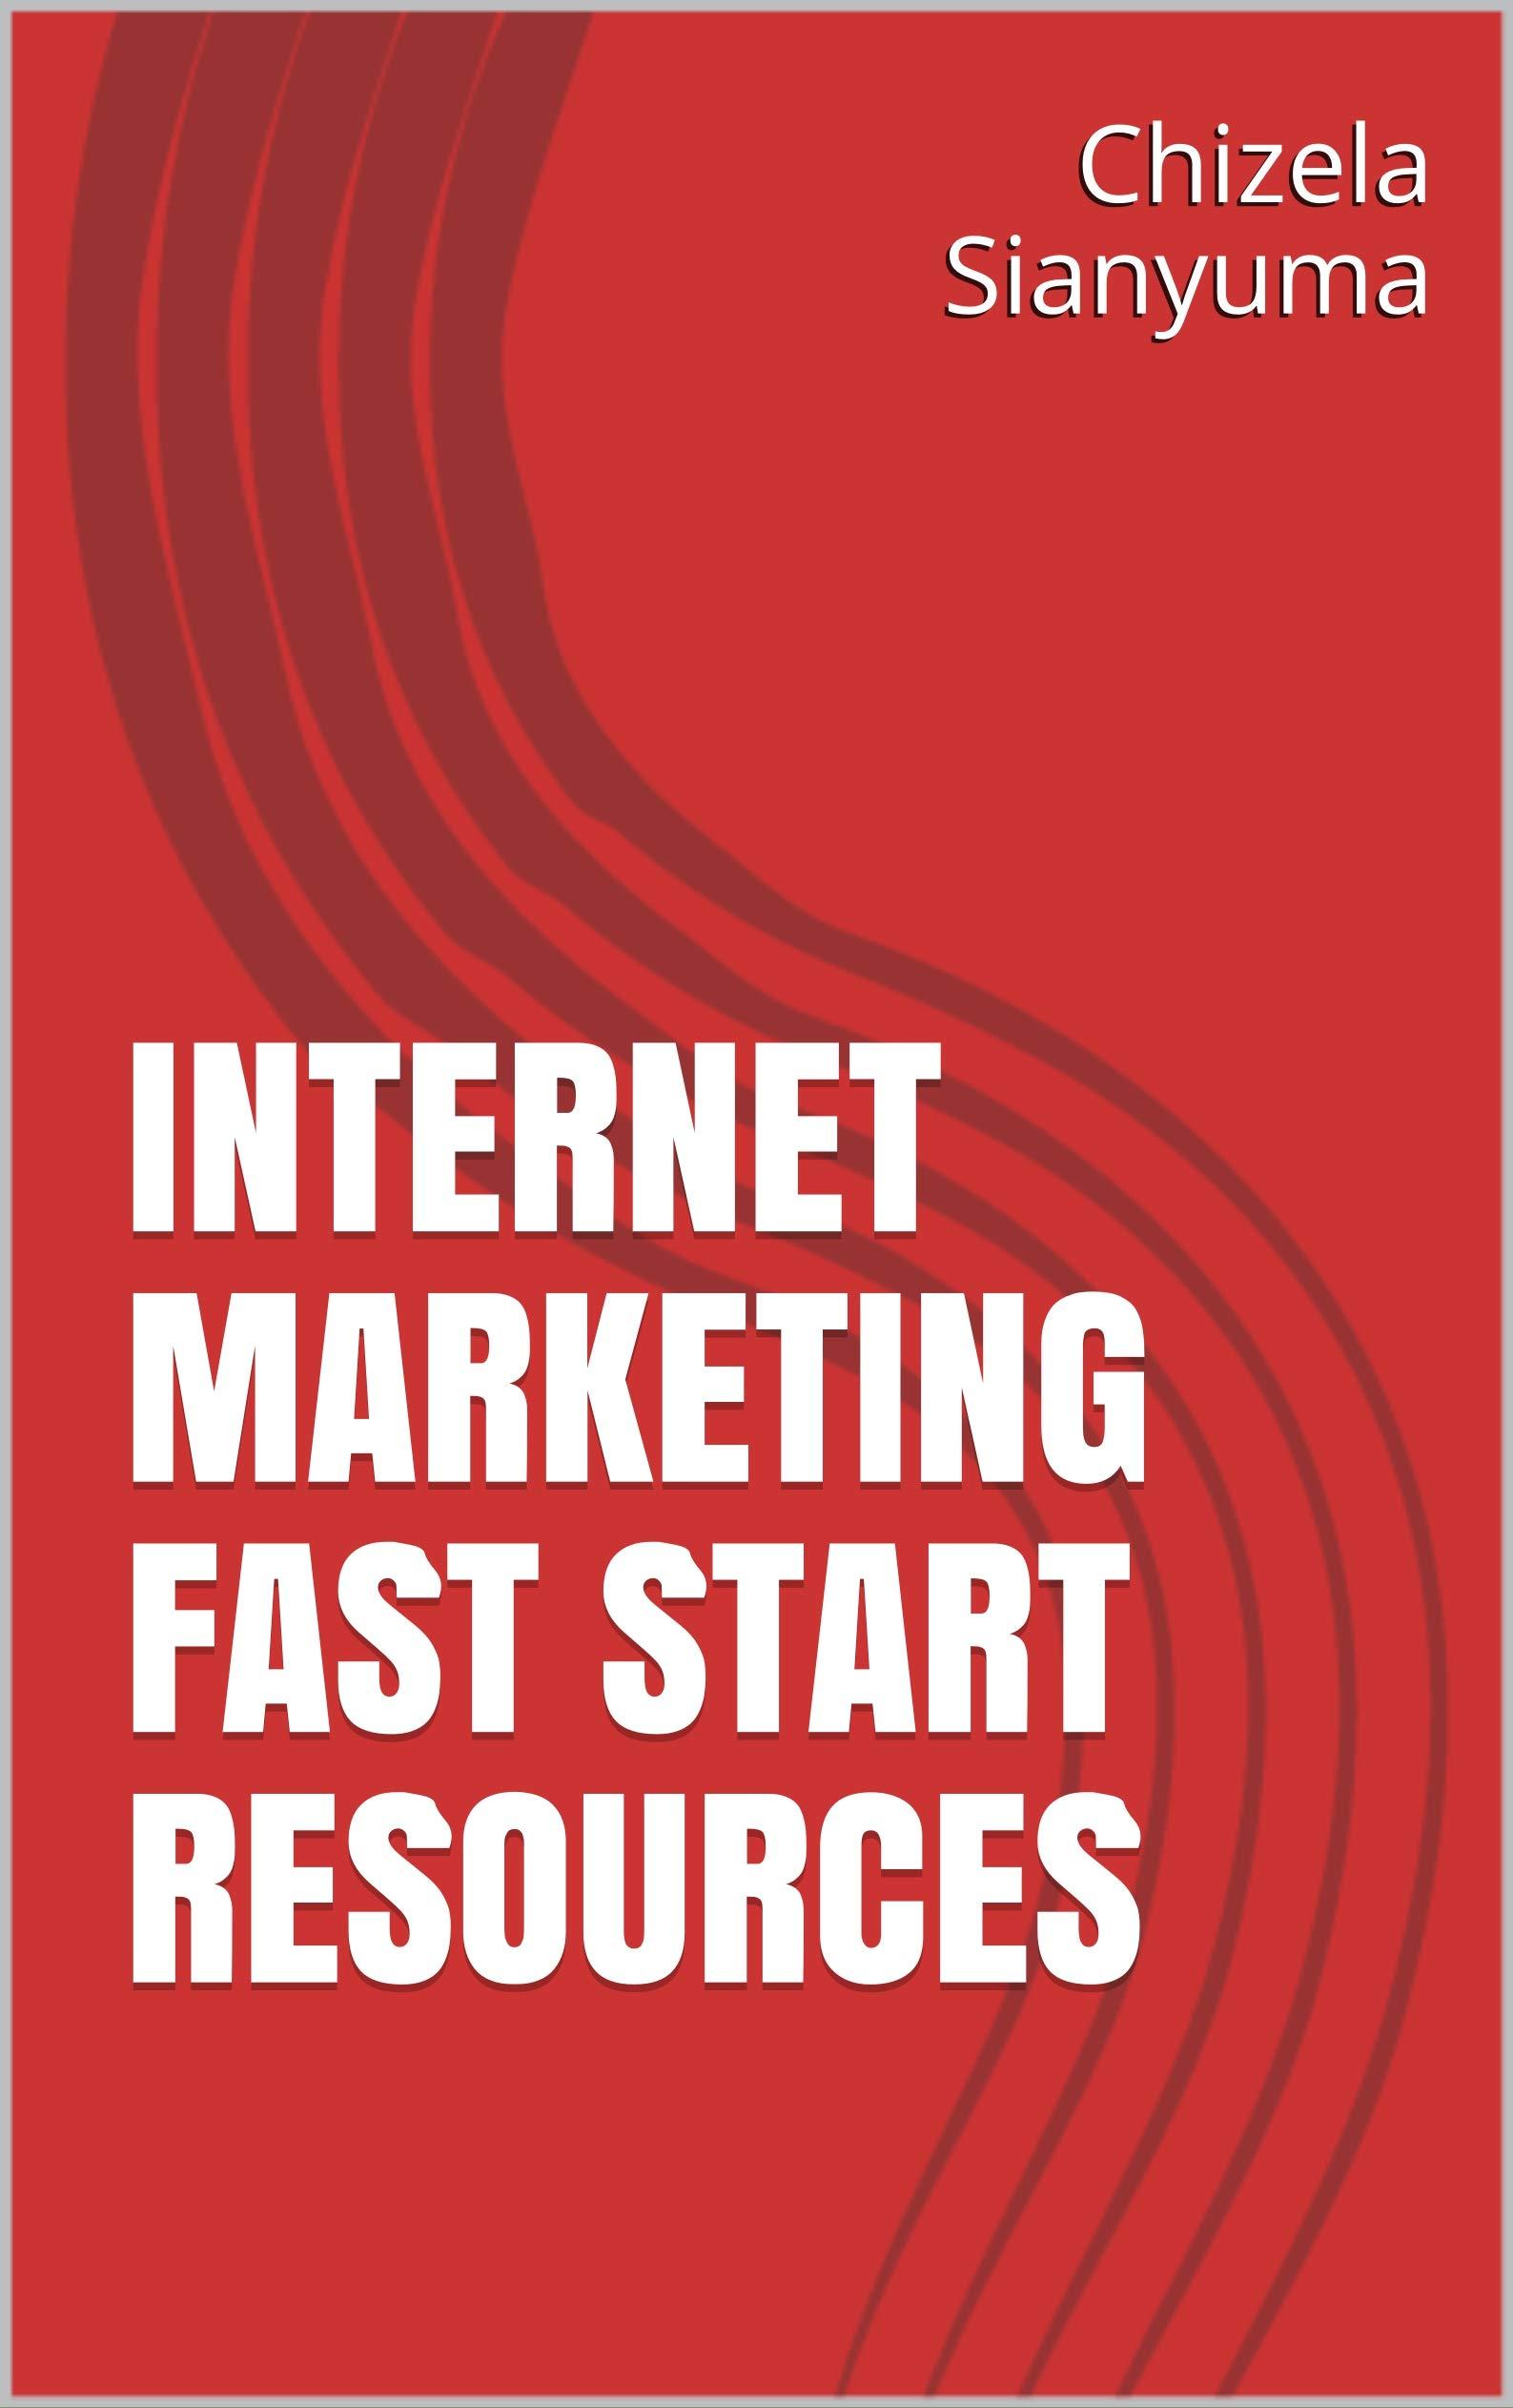 Internet Marketing Fast Start Resources